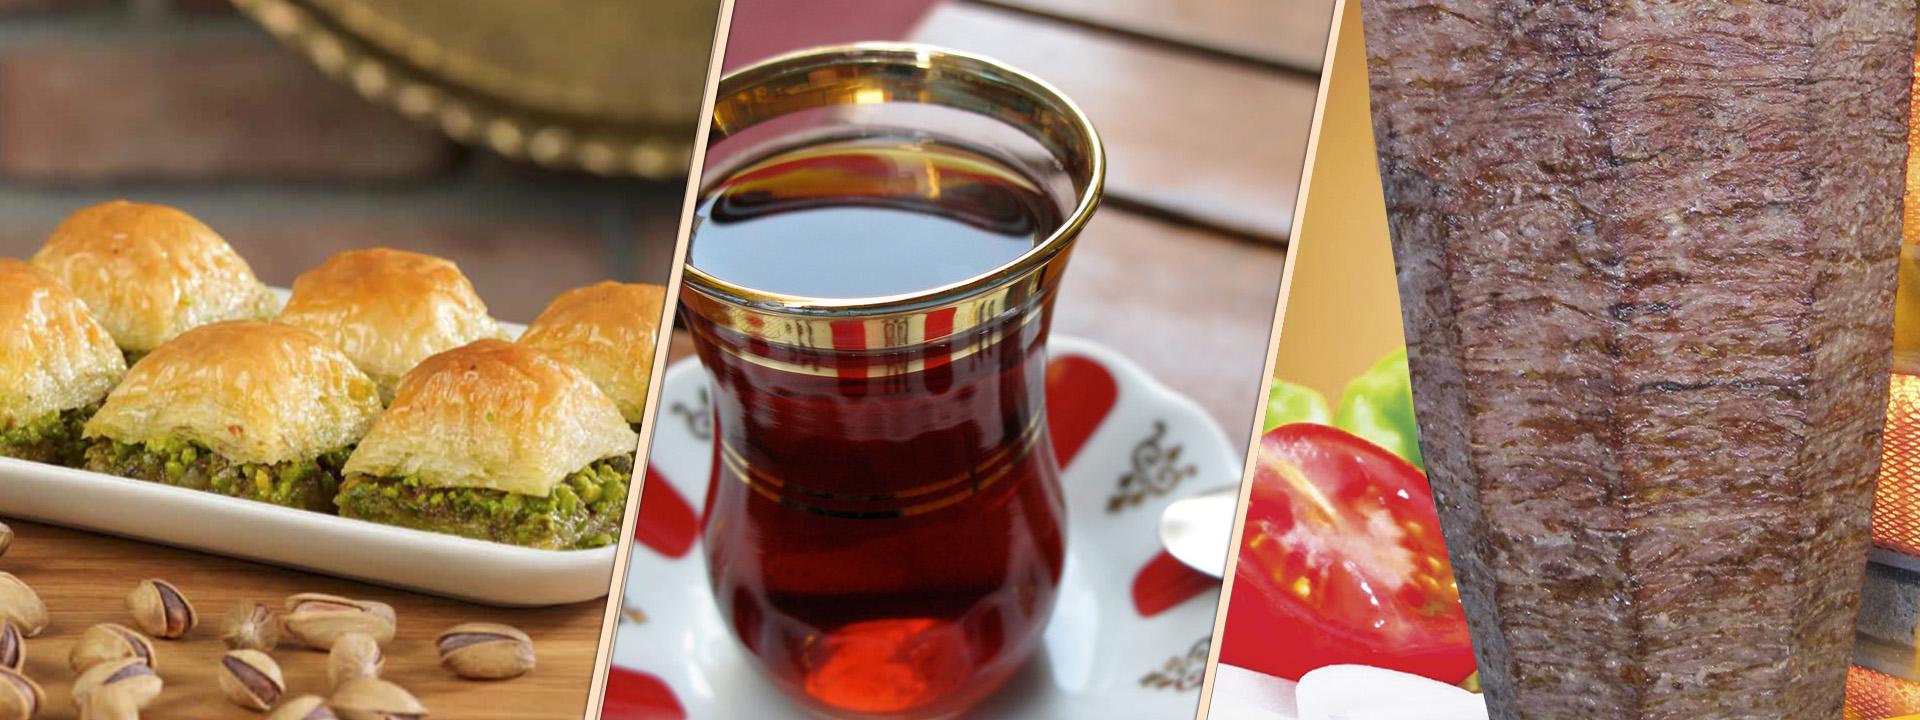 turkishfoodfest